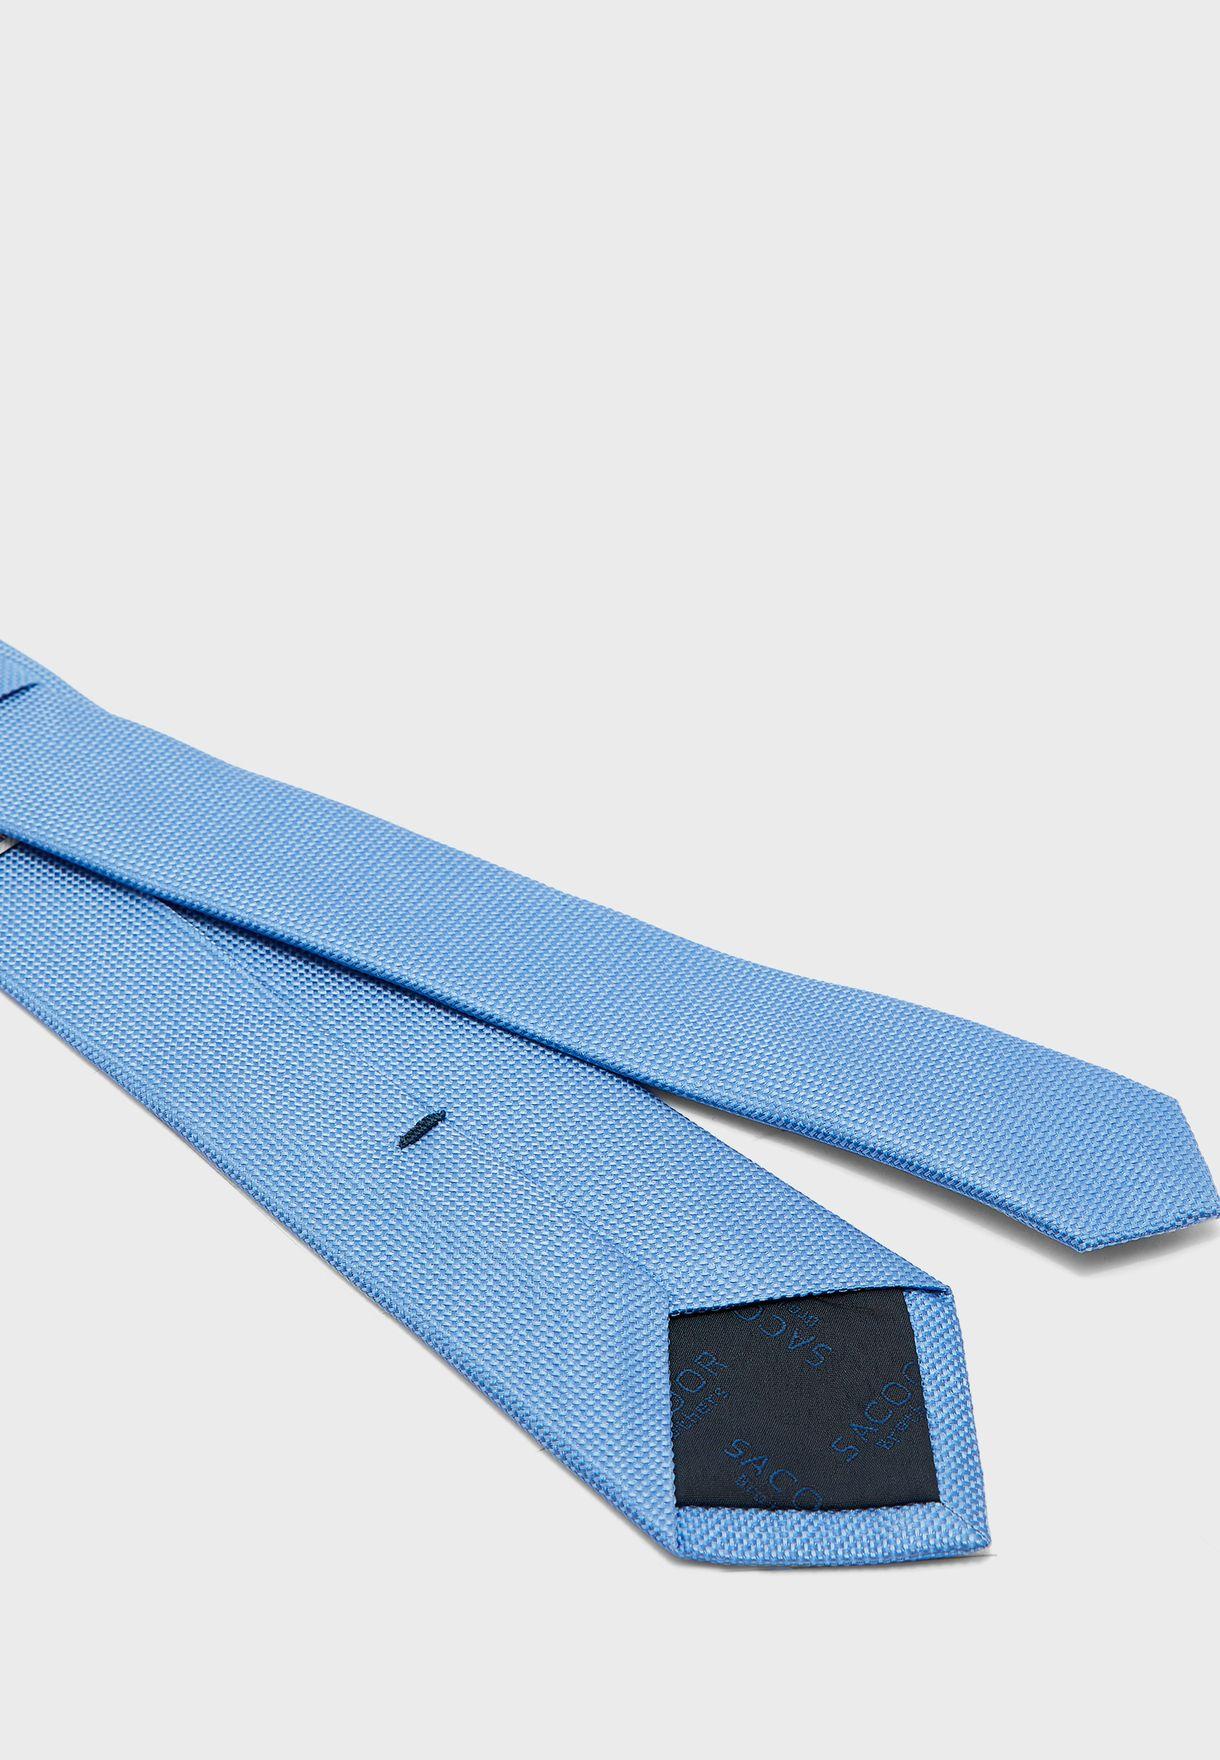 ربطة عنق حرير خالص